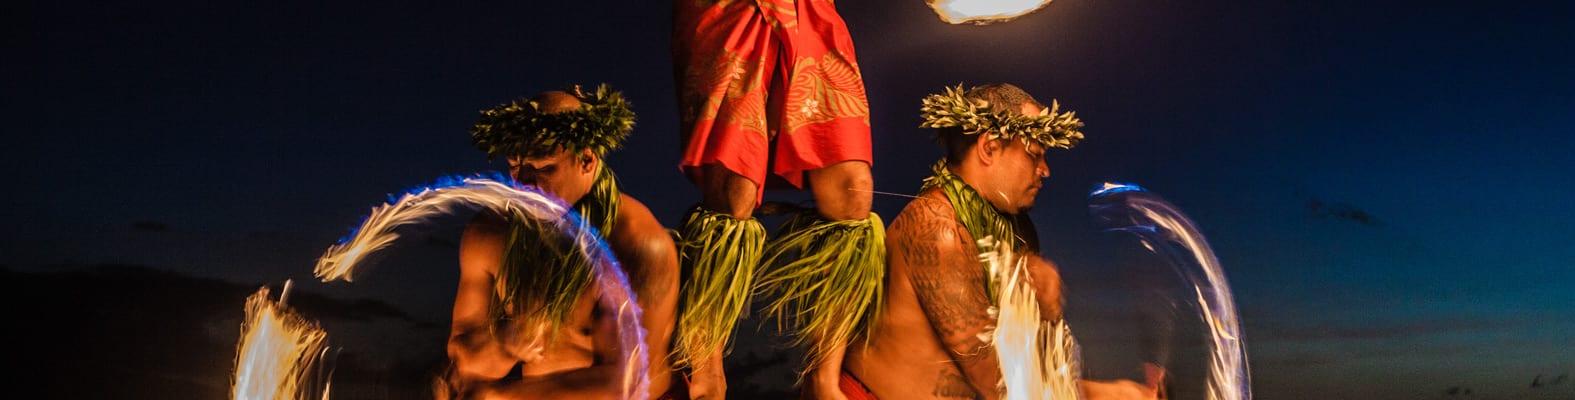 Luaus in lahaina maui hawaii 2034